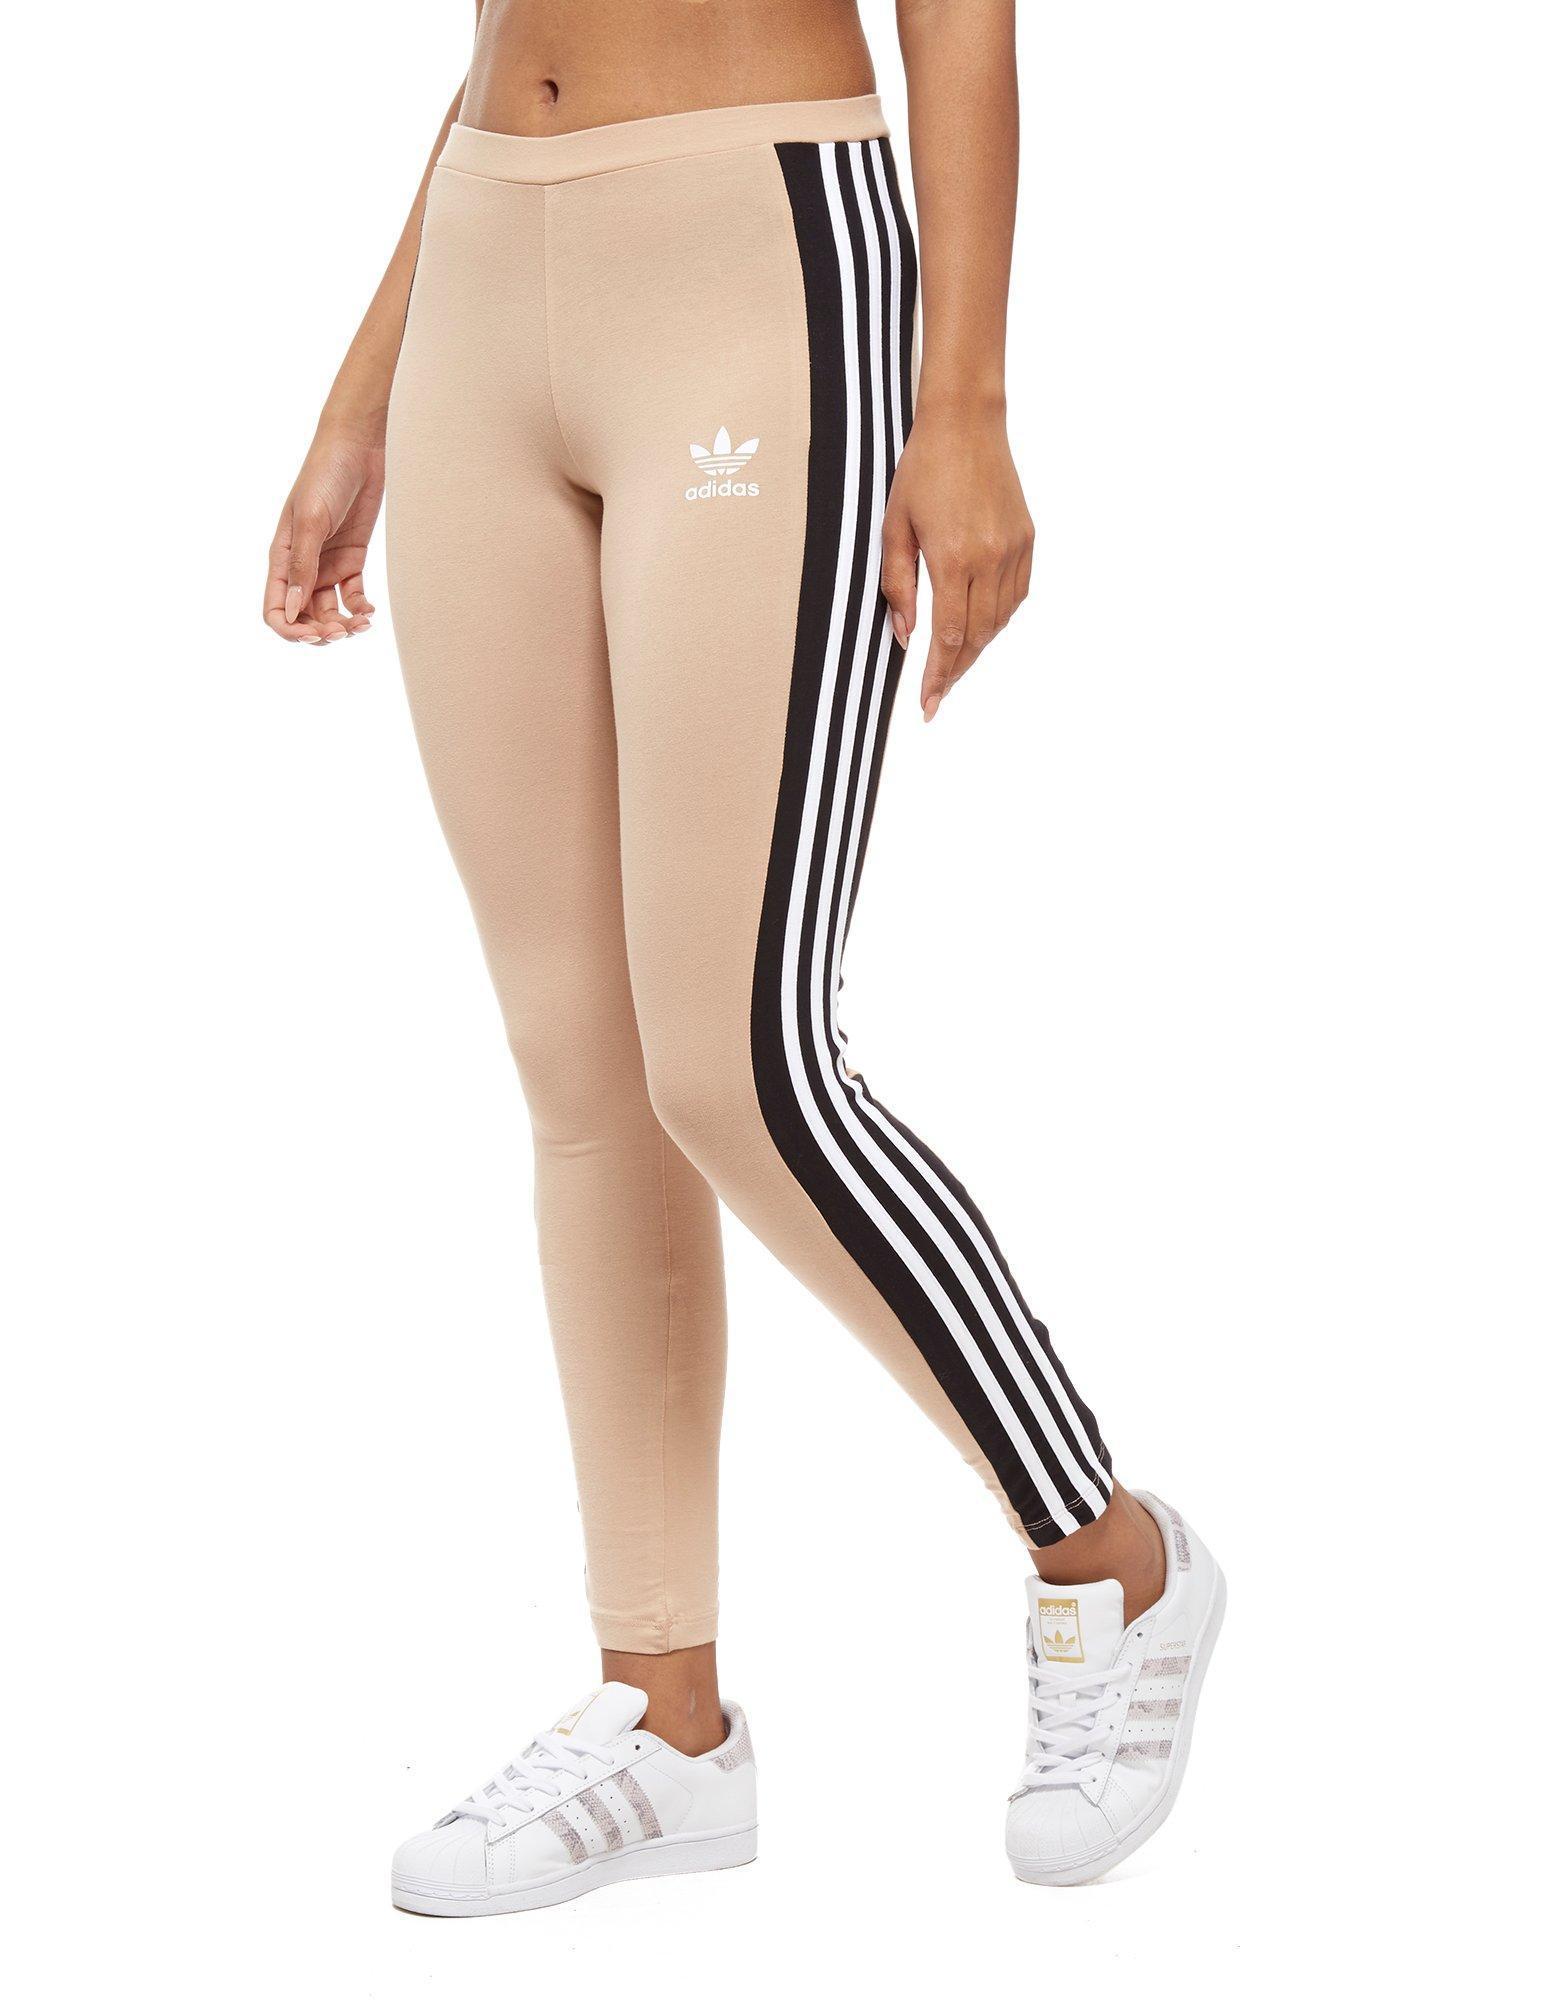 76b22f0c4 adidas Originals 3-stripes Panel Leggings in Black - Lyst